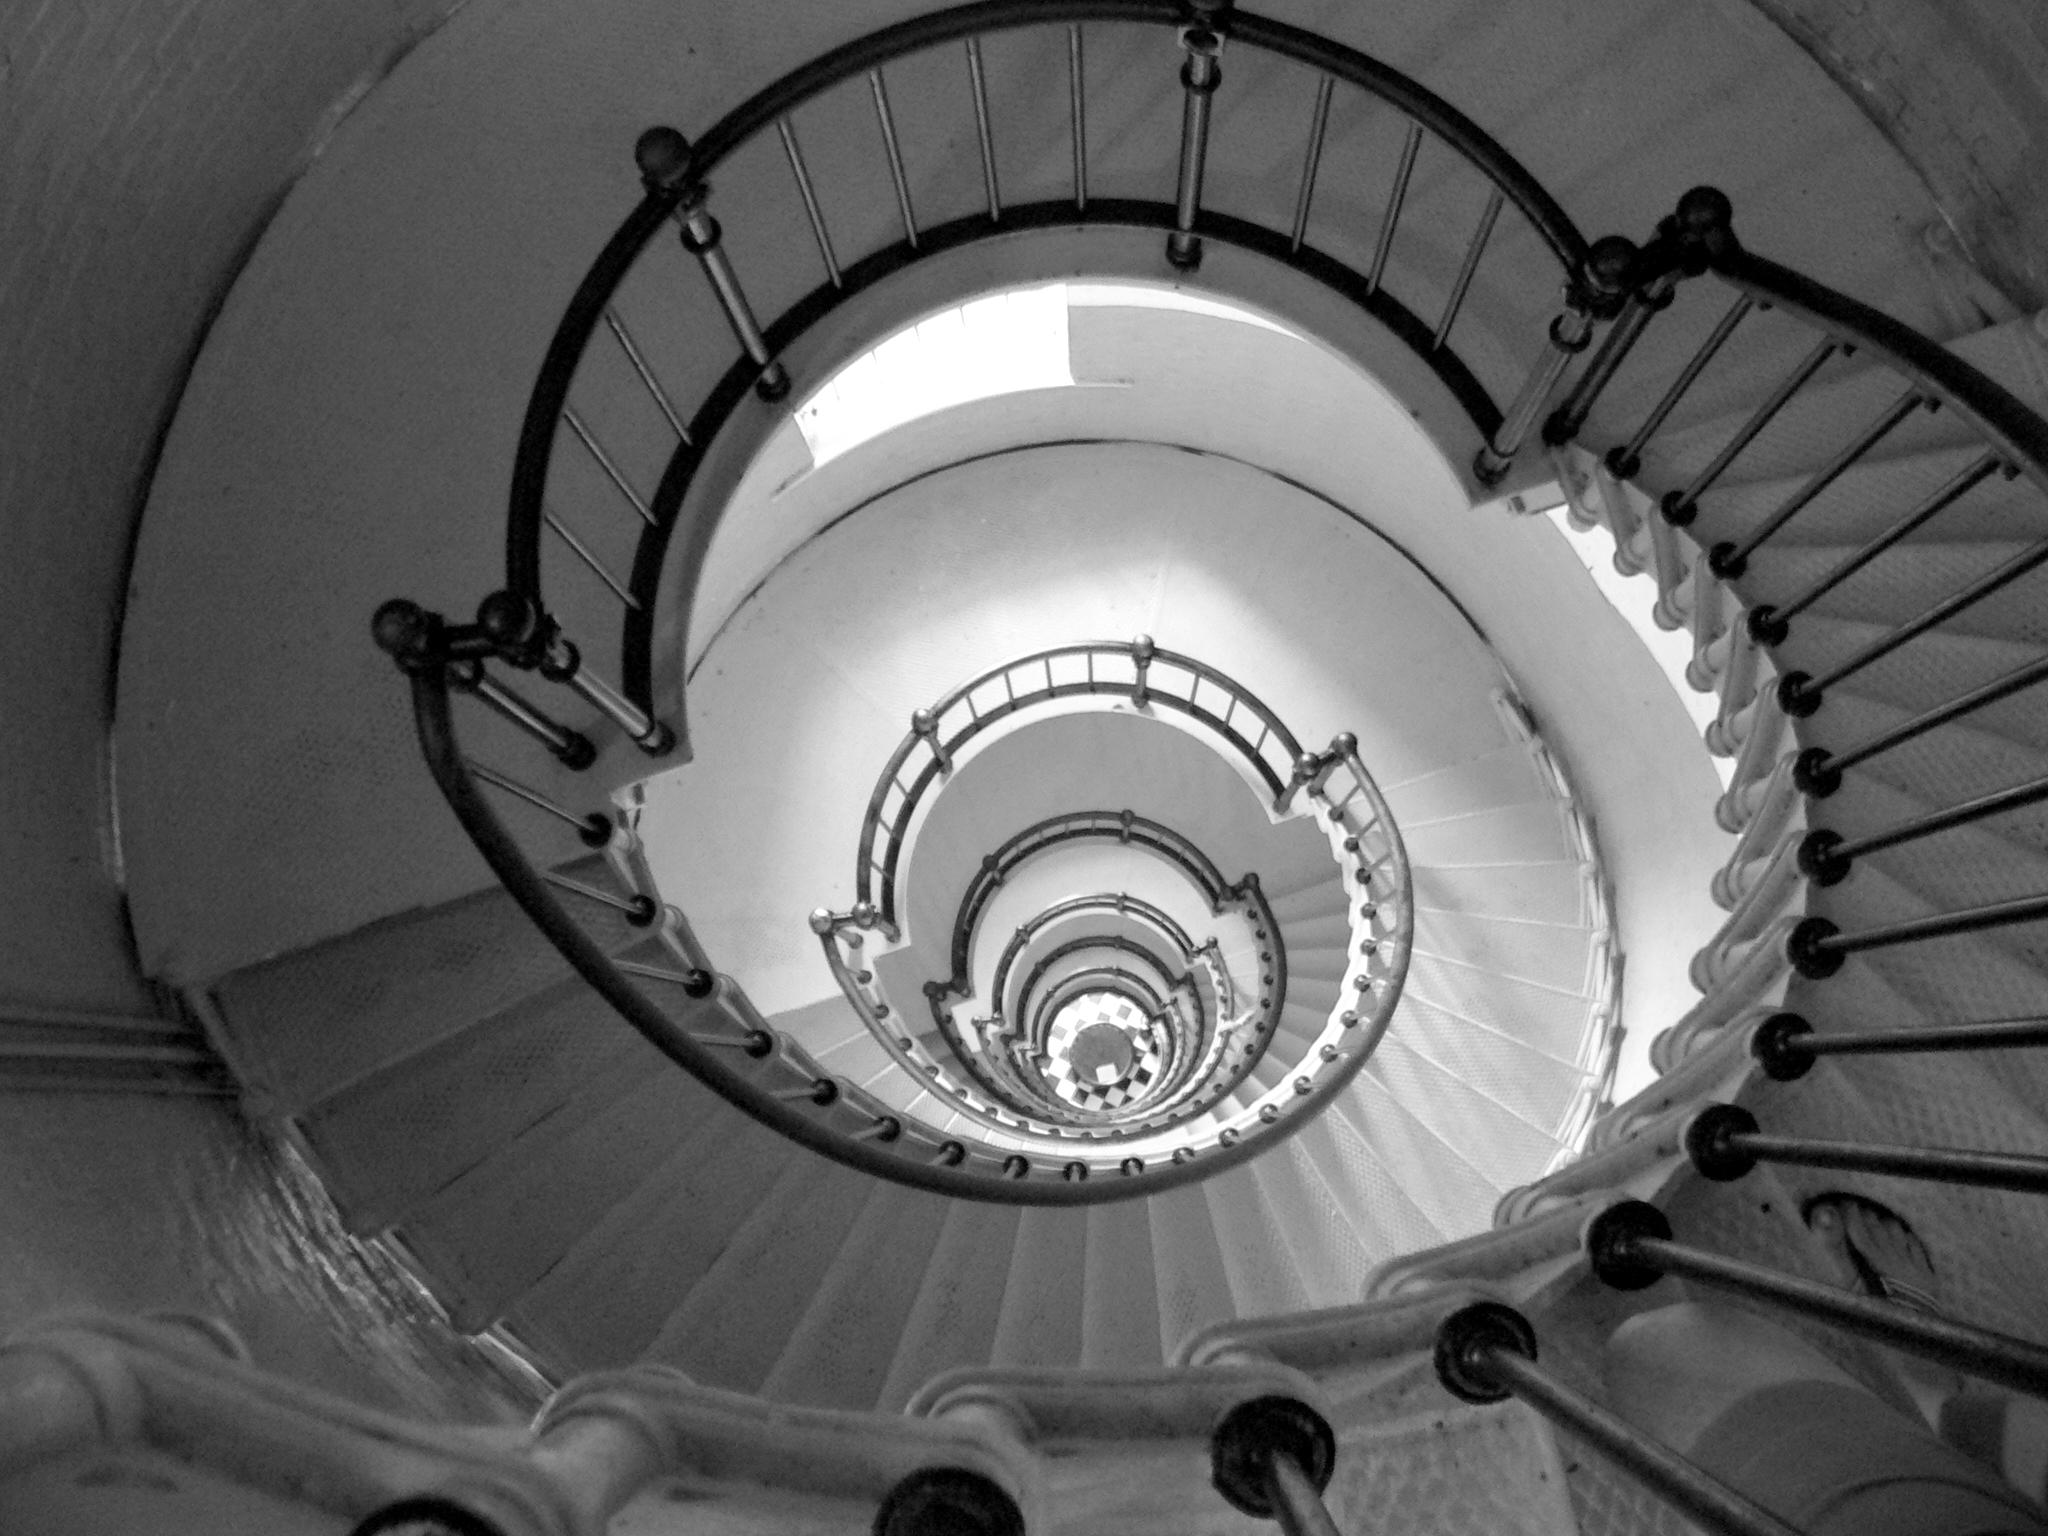 escalier noir et blanc beautiful download btiment abandonn avec luescalier noir et blanc image. Black Bedroom Furniture Sets. Home Design Ideas